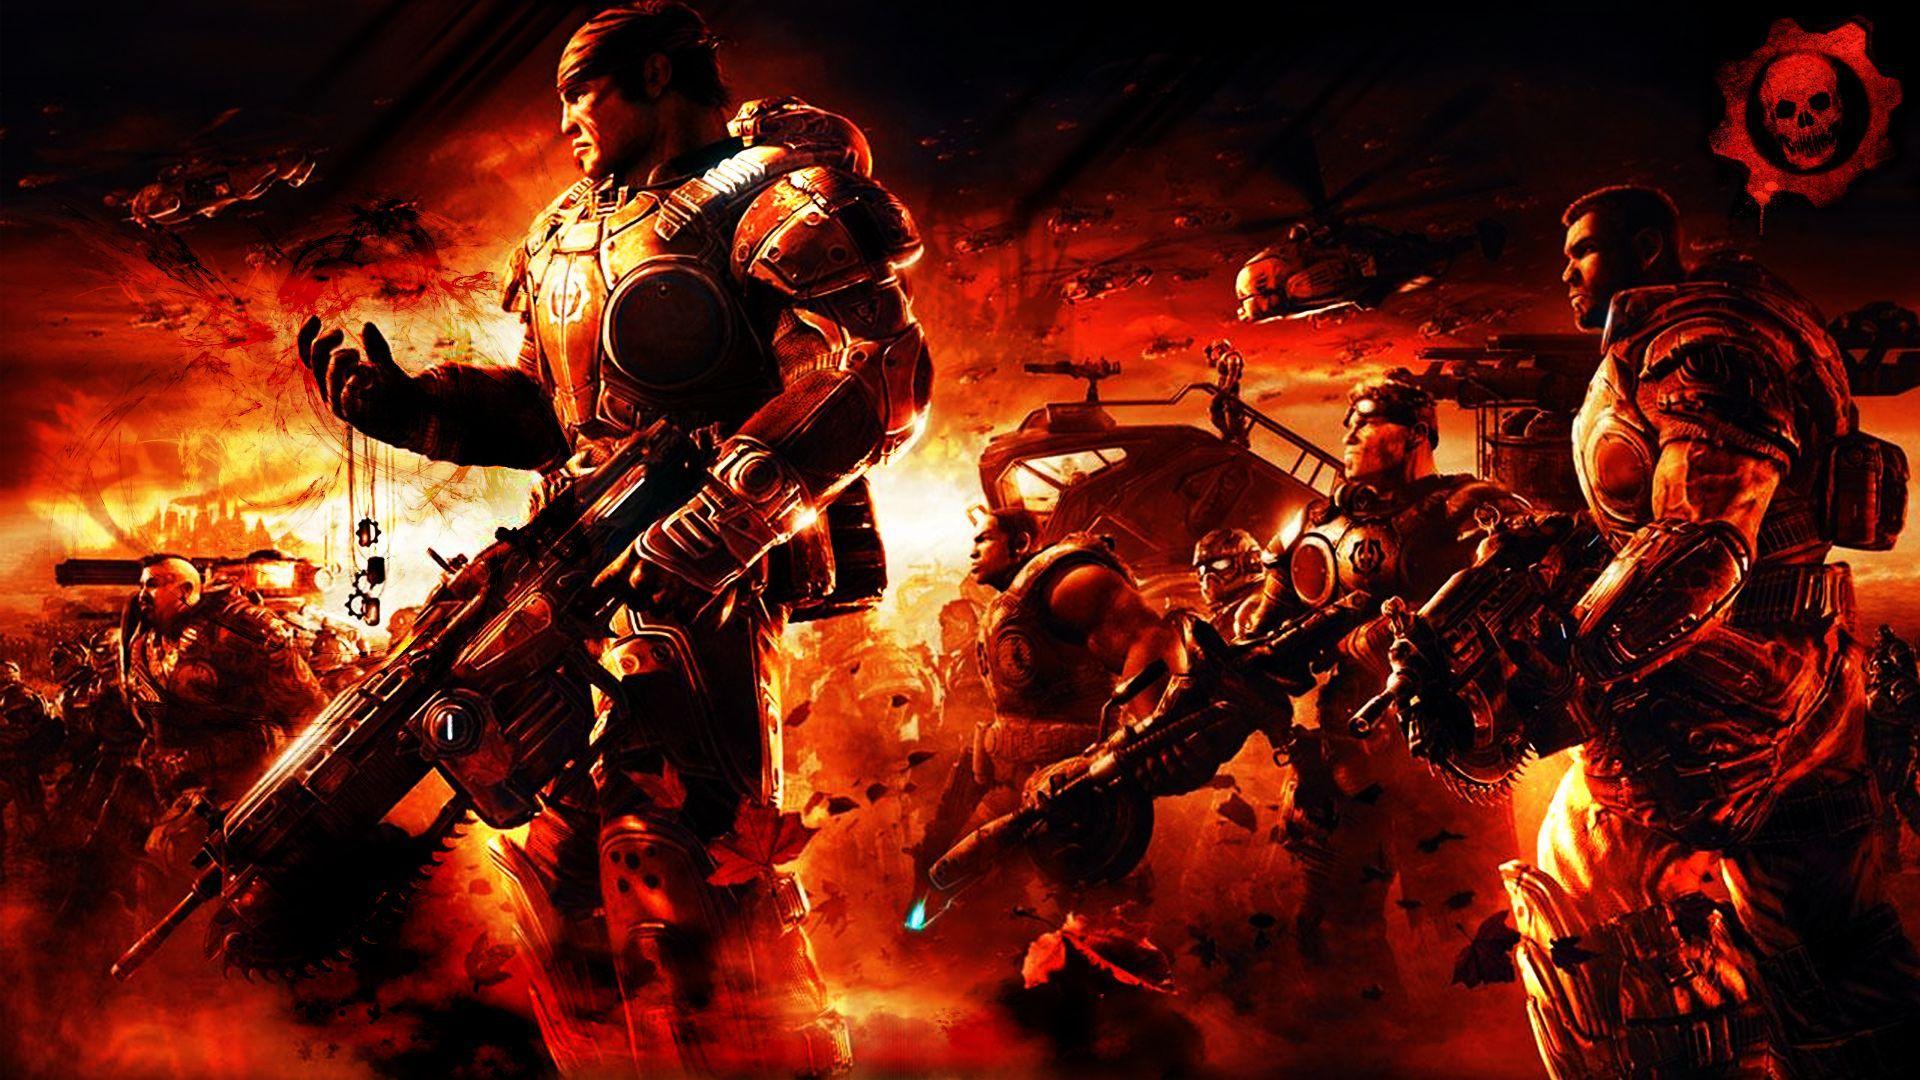 Gears Of War 2 Wallpaper Gears Of War Gears Of War 2 Best Wallpaper Hd